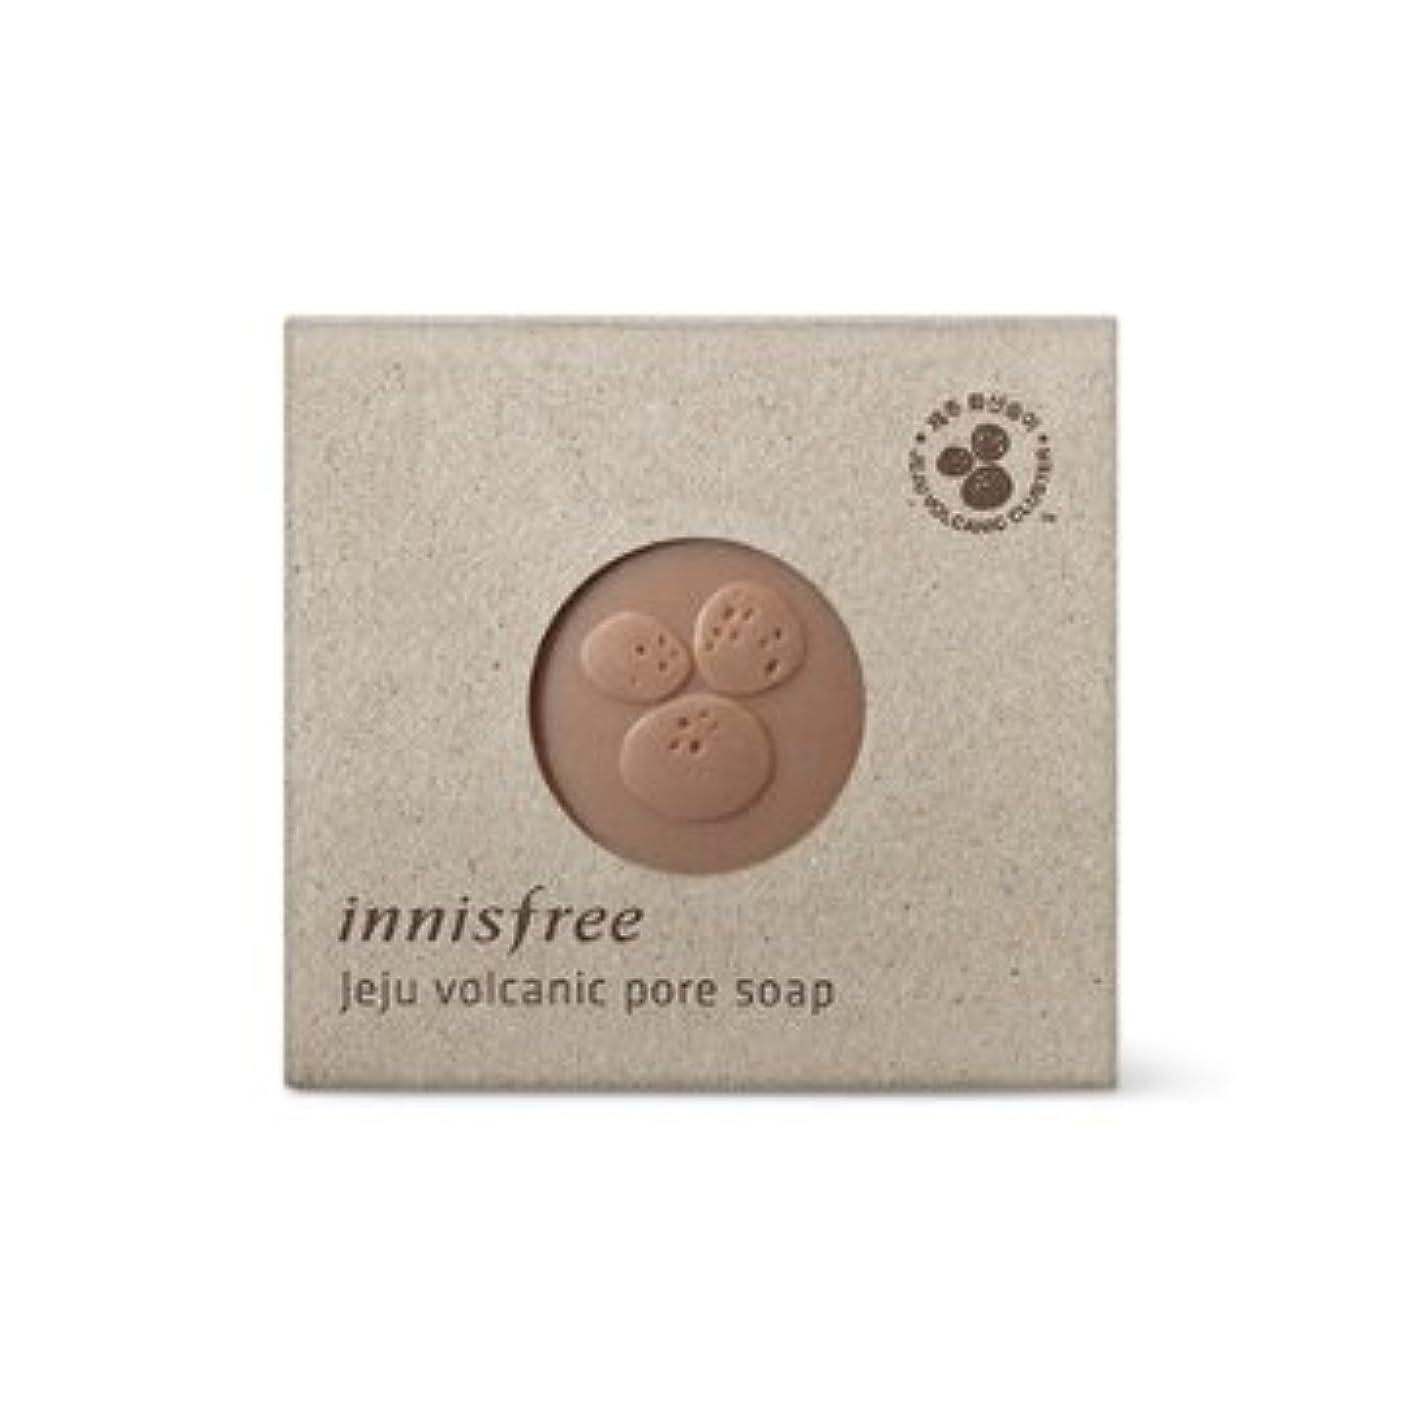 決めますうめき声歩行者【イニスフリー】Innisfree jeju volcanic pore soap - 100g (韓国直送品) (SHOPPINGINSTAGRAM)